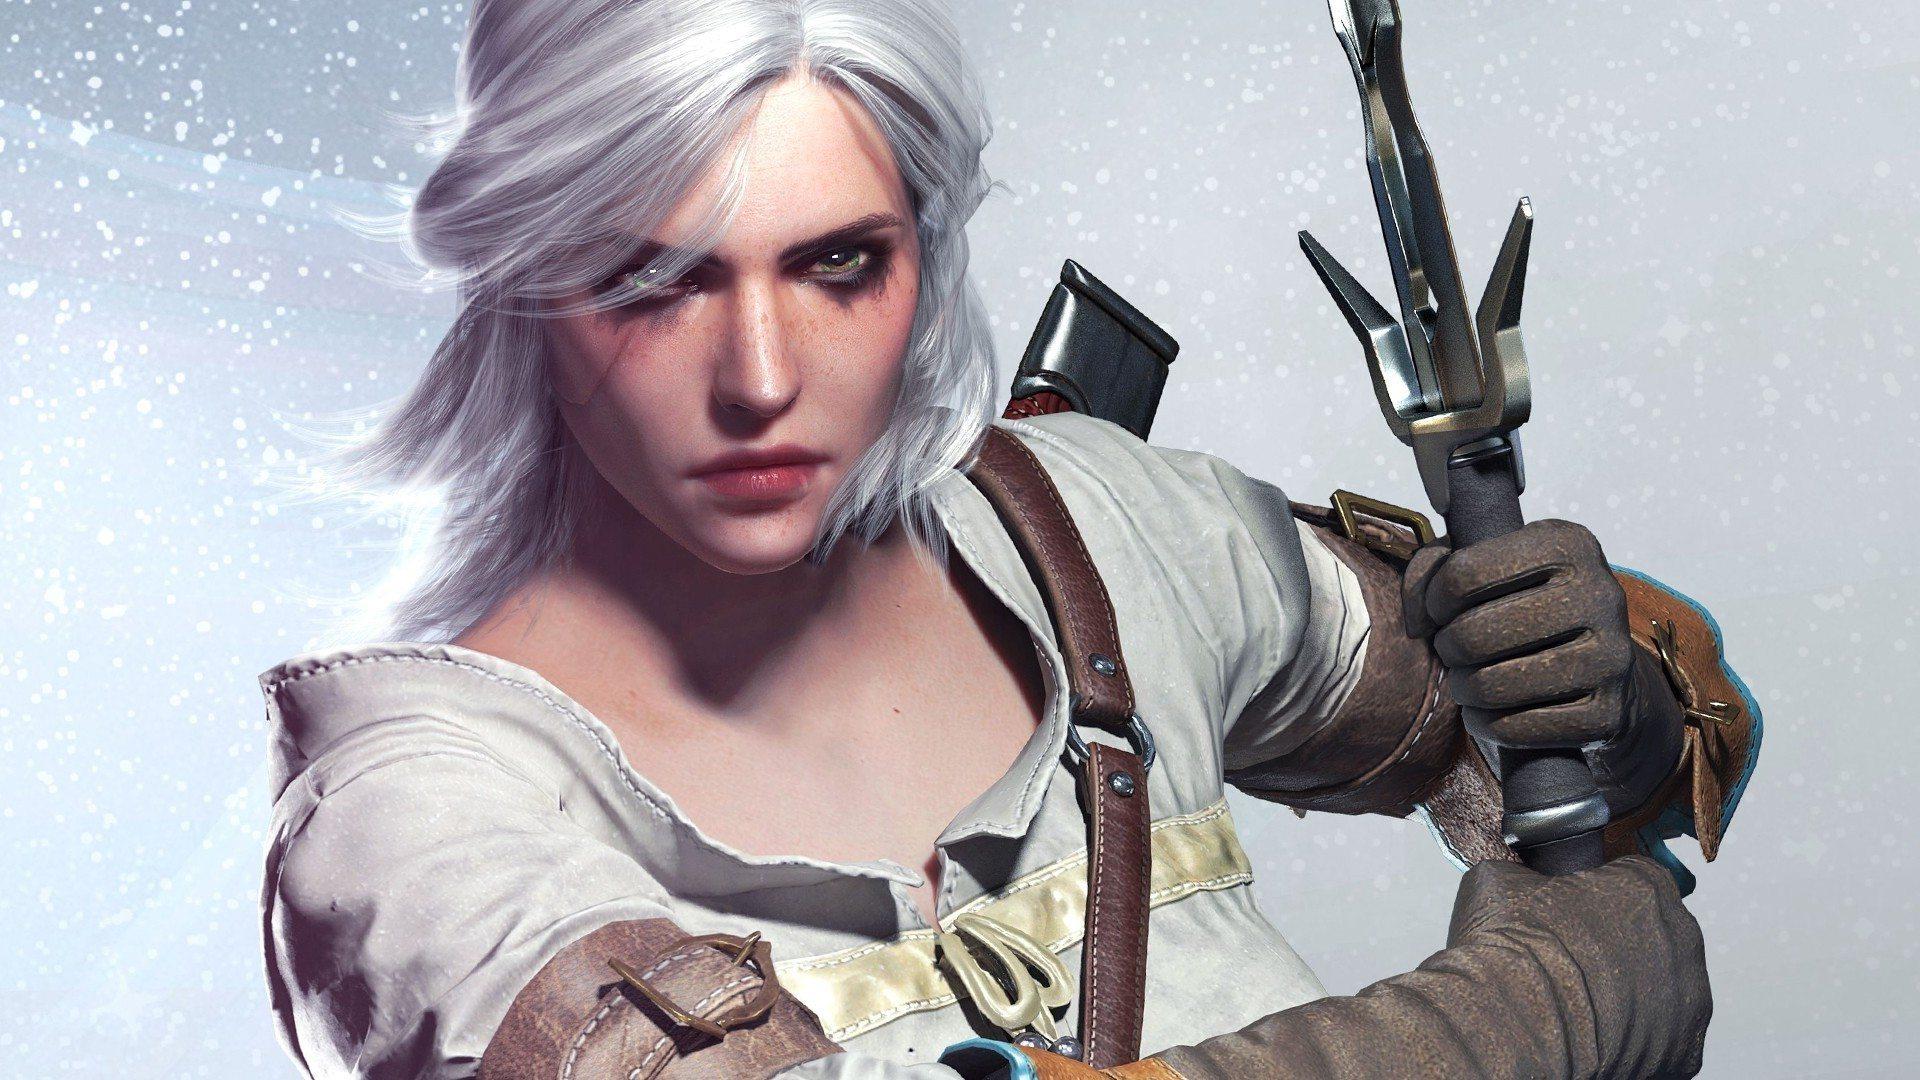 najlepsza kobieca postać z gier